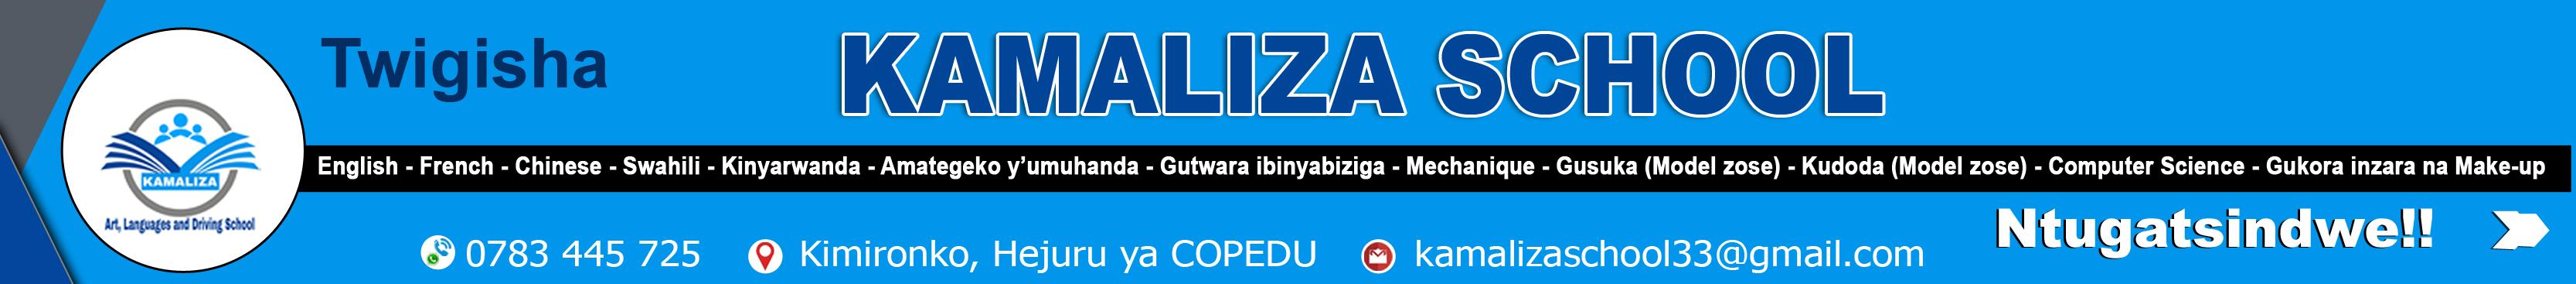 KAMALIZA SCHOOL